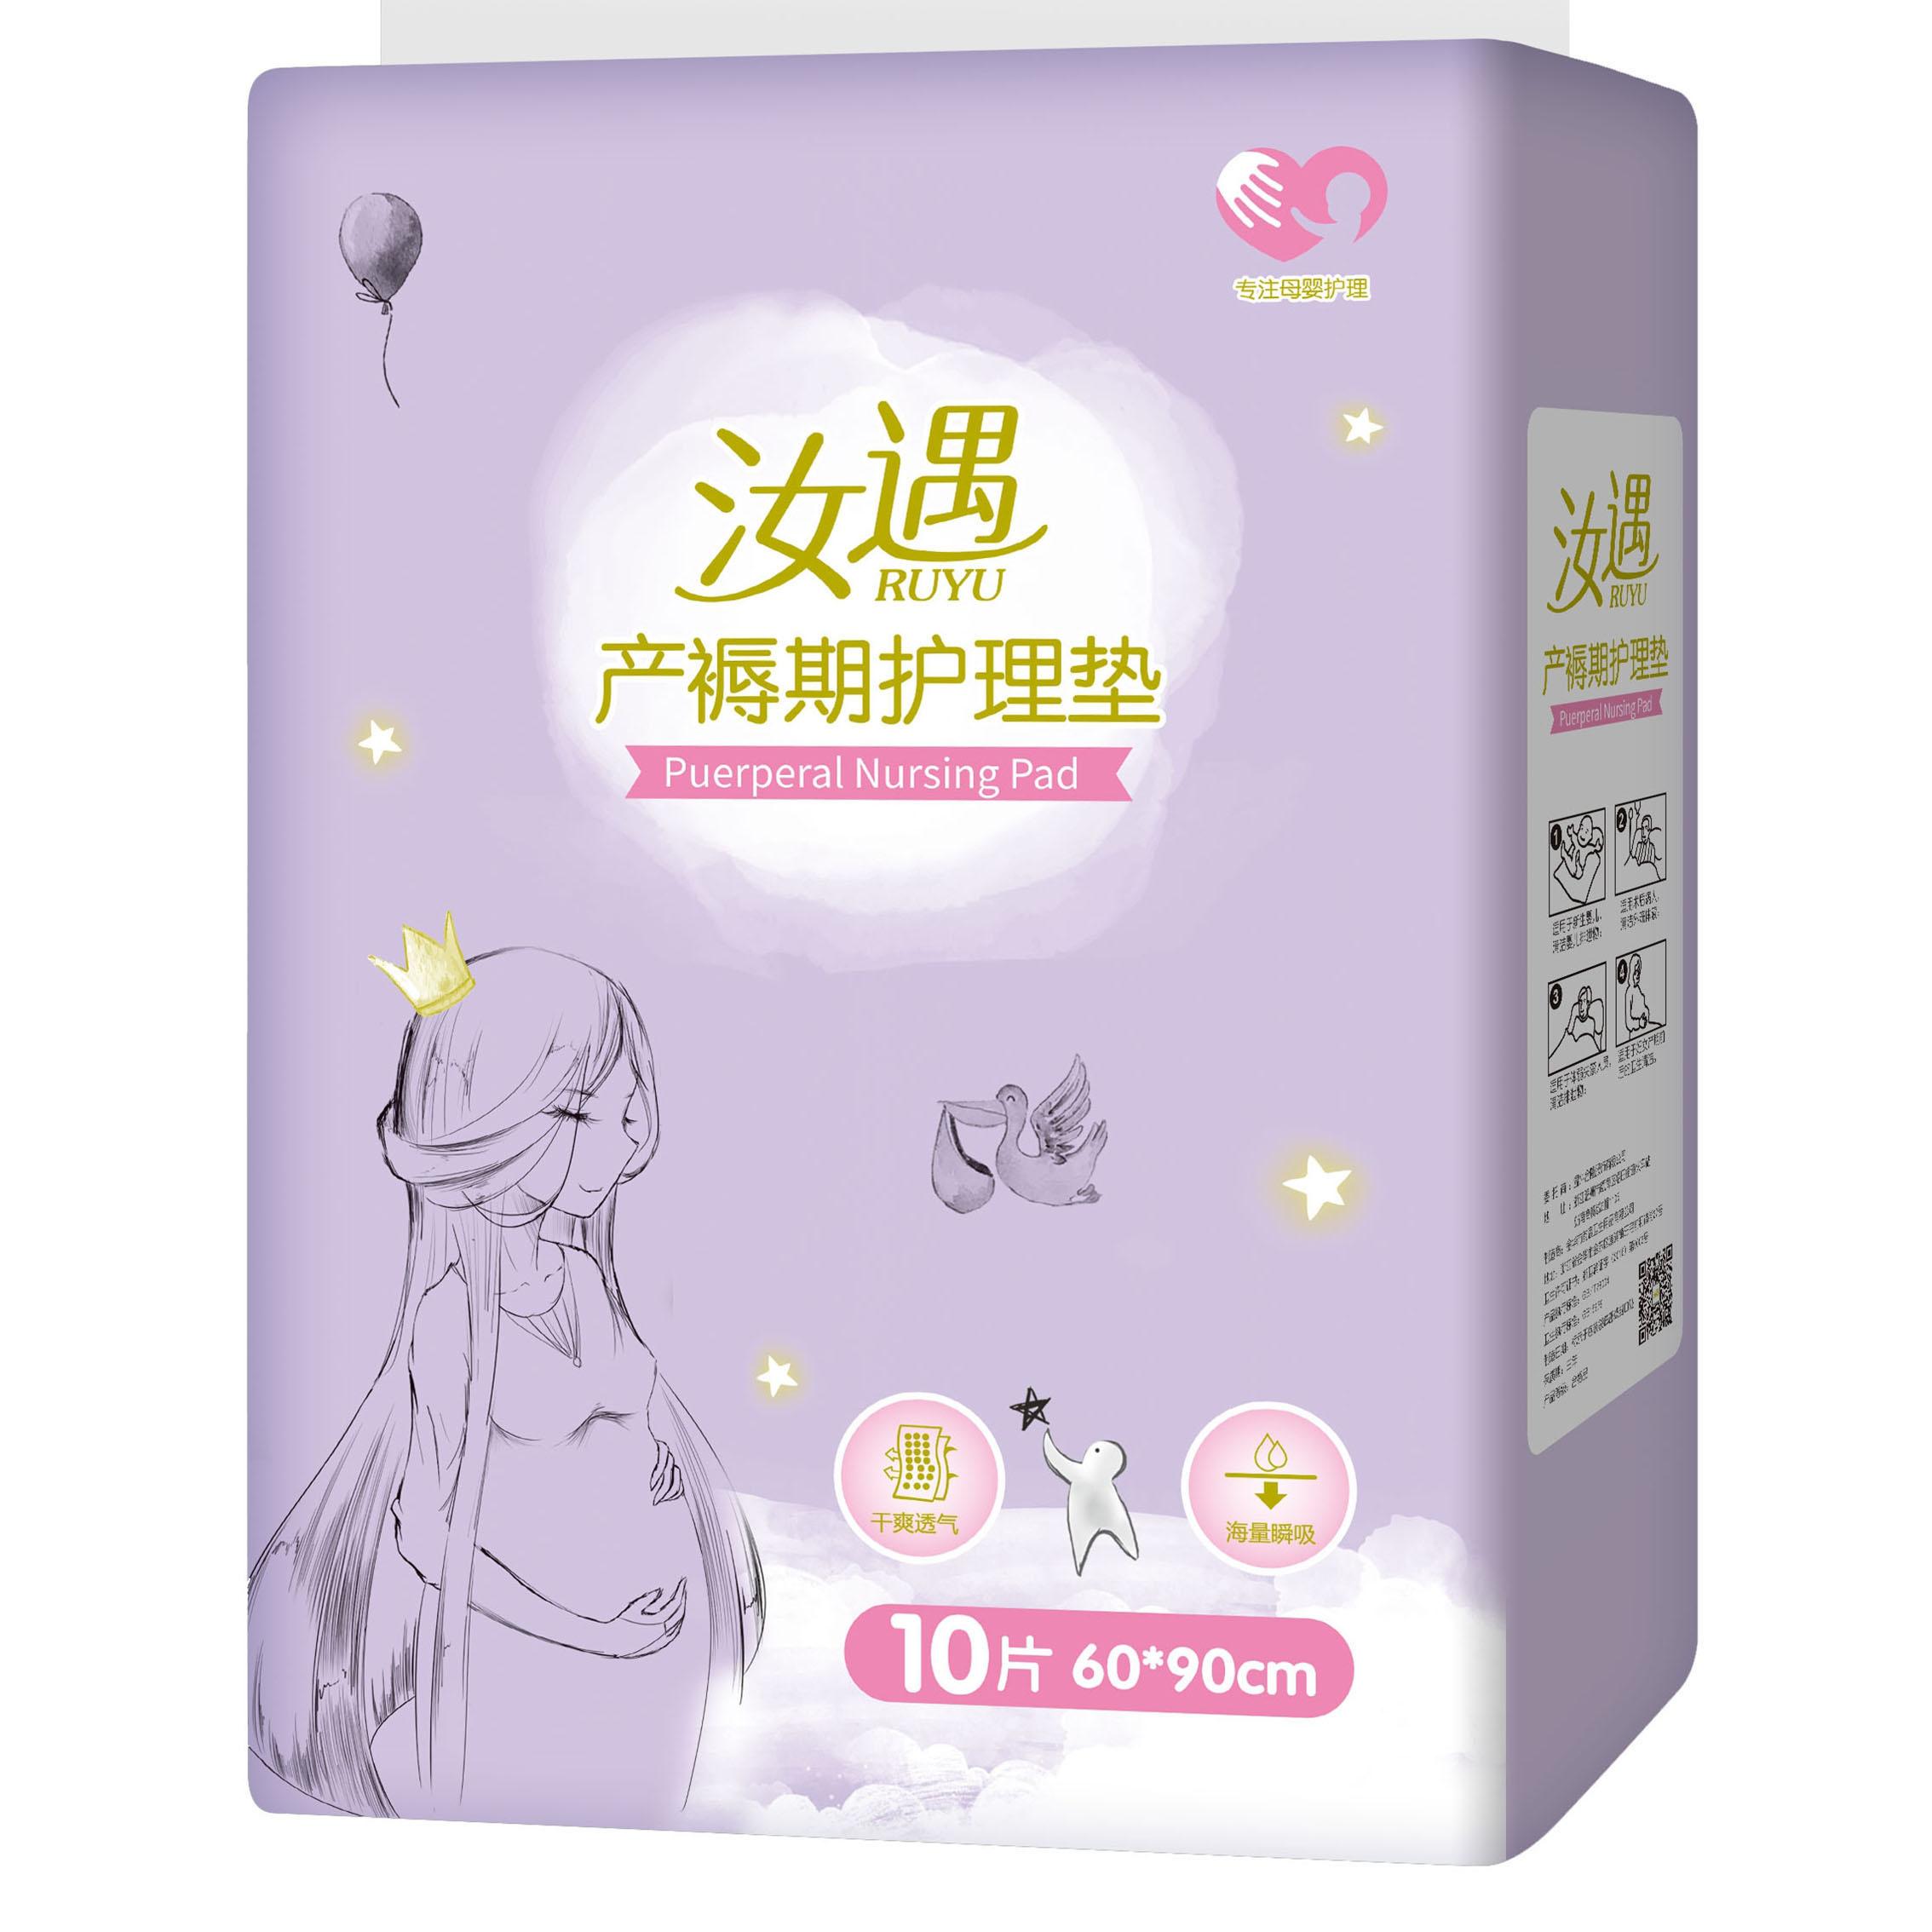 月子纸产褥垫产妇专用一次性床单产后用品护理垫60x90加大号10片